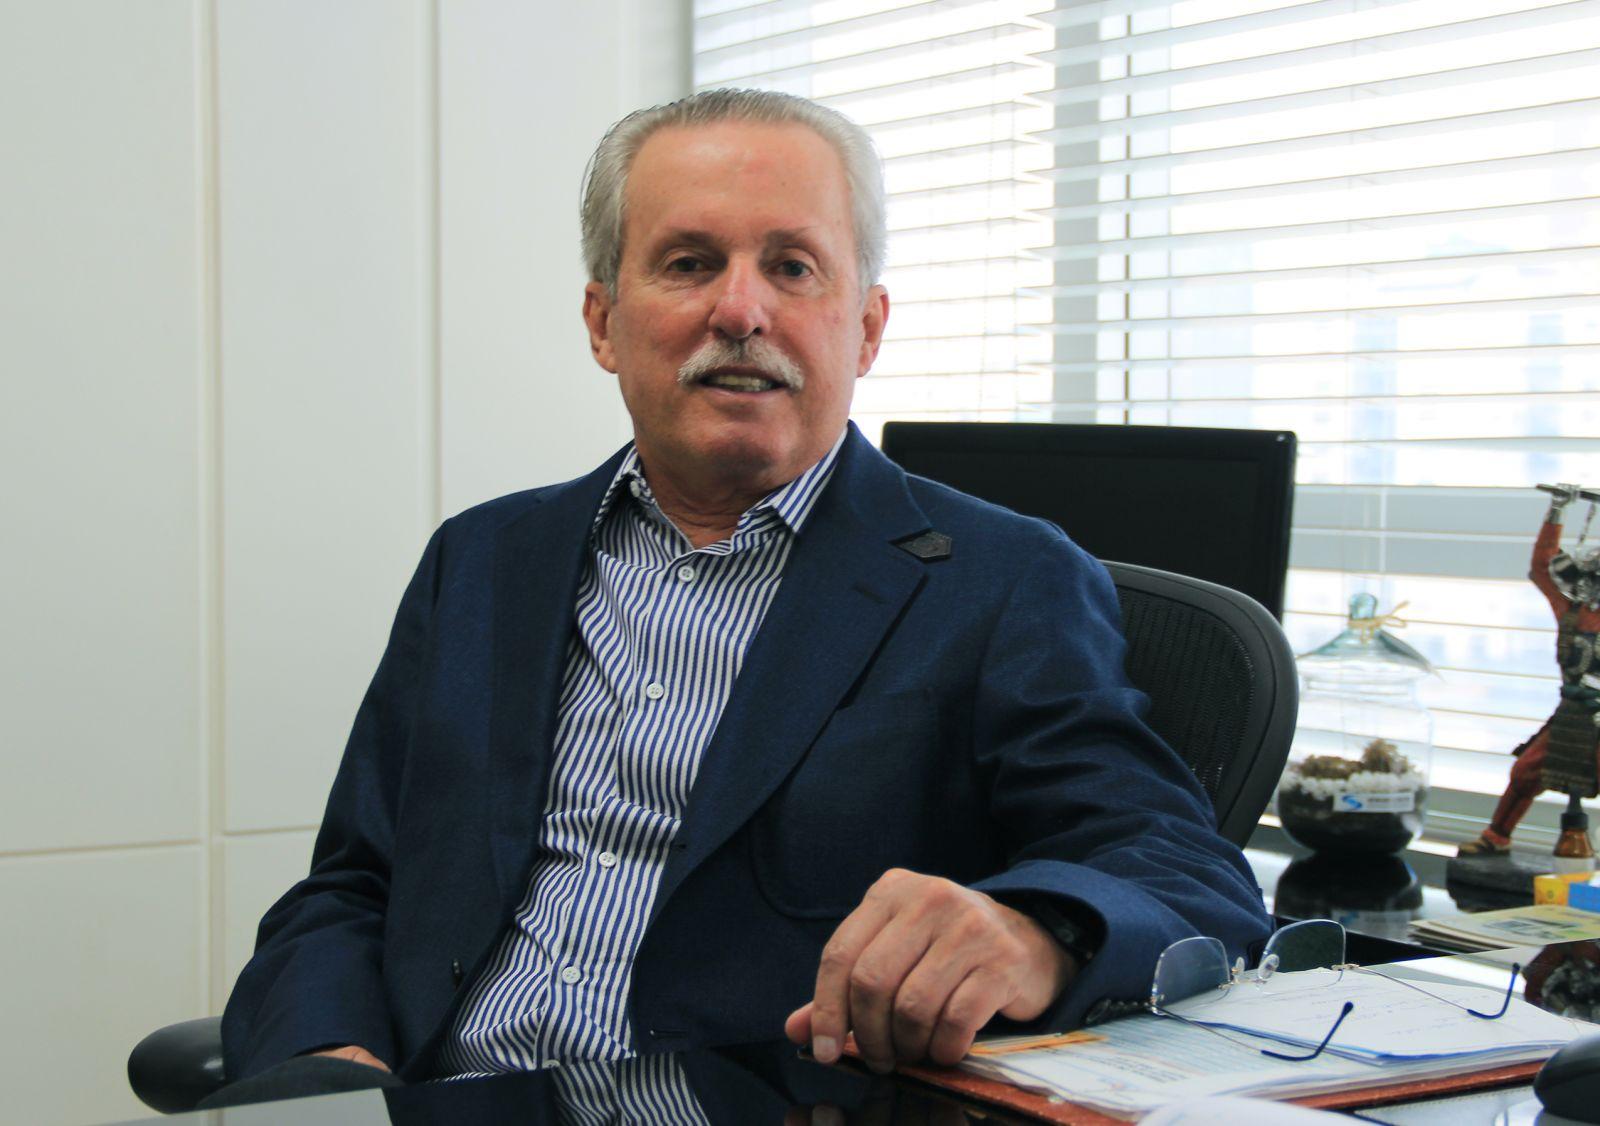 Luiz Mendonça Filho é o destaque empresário de hoje dia 04 de maio. Ver mais...